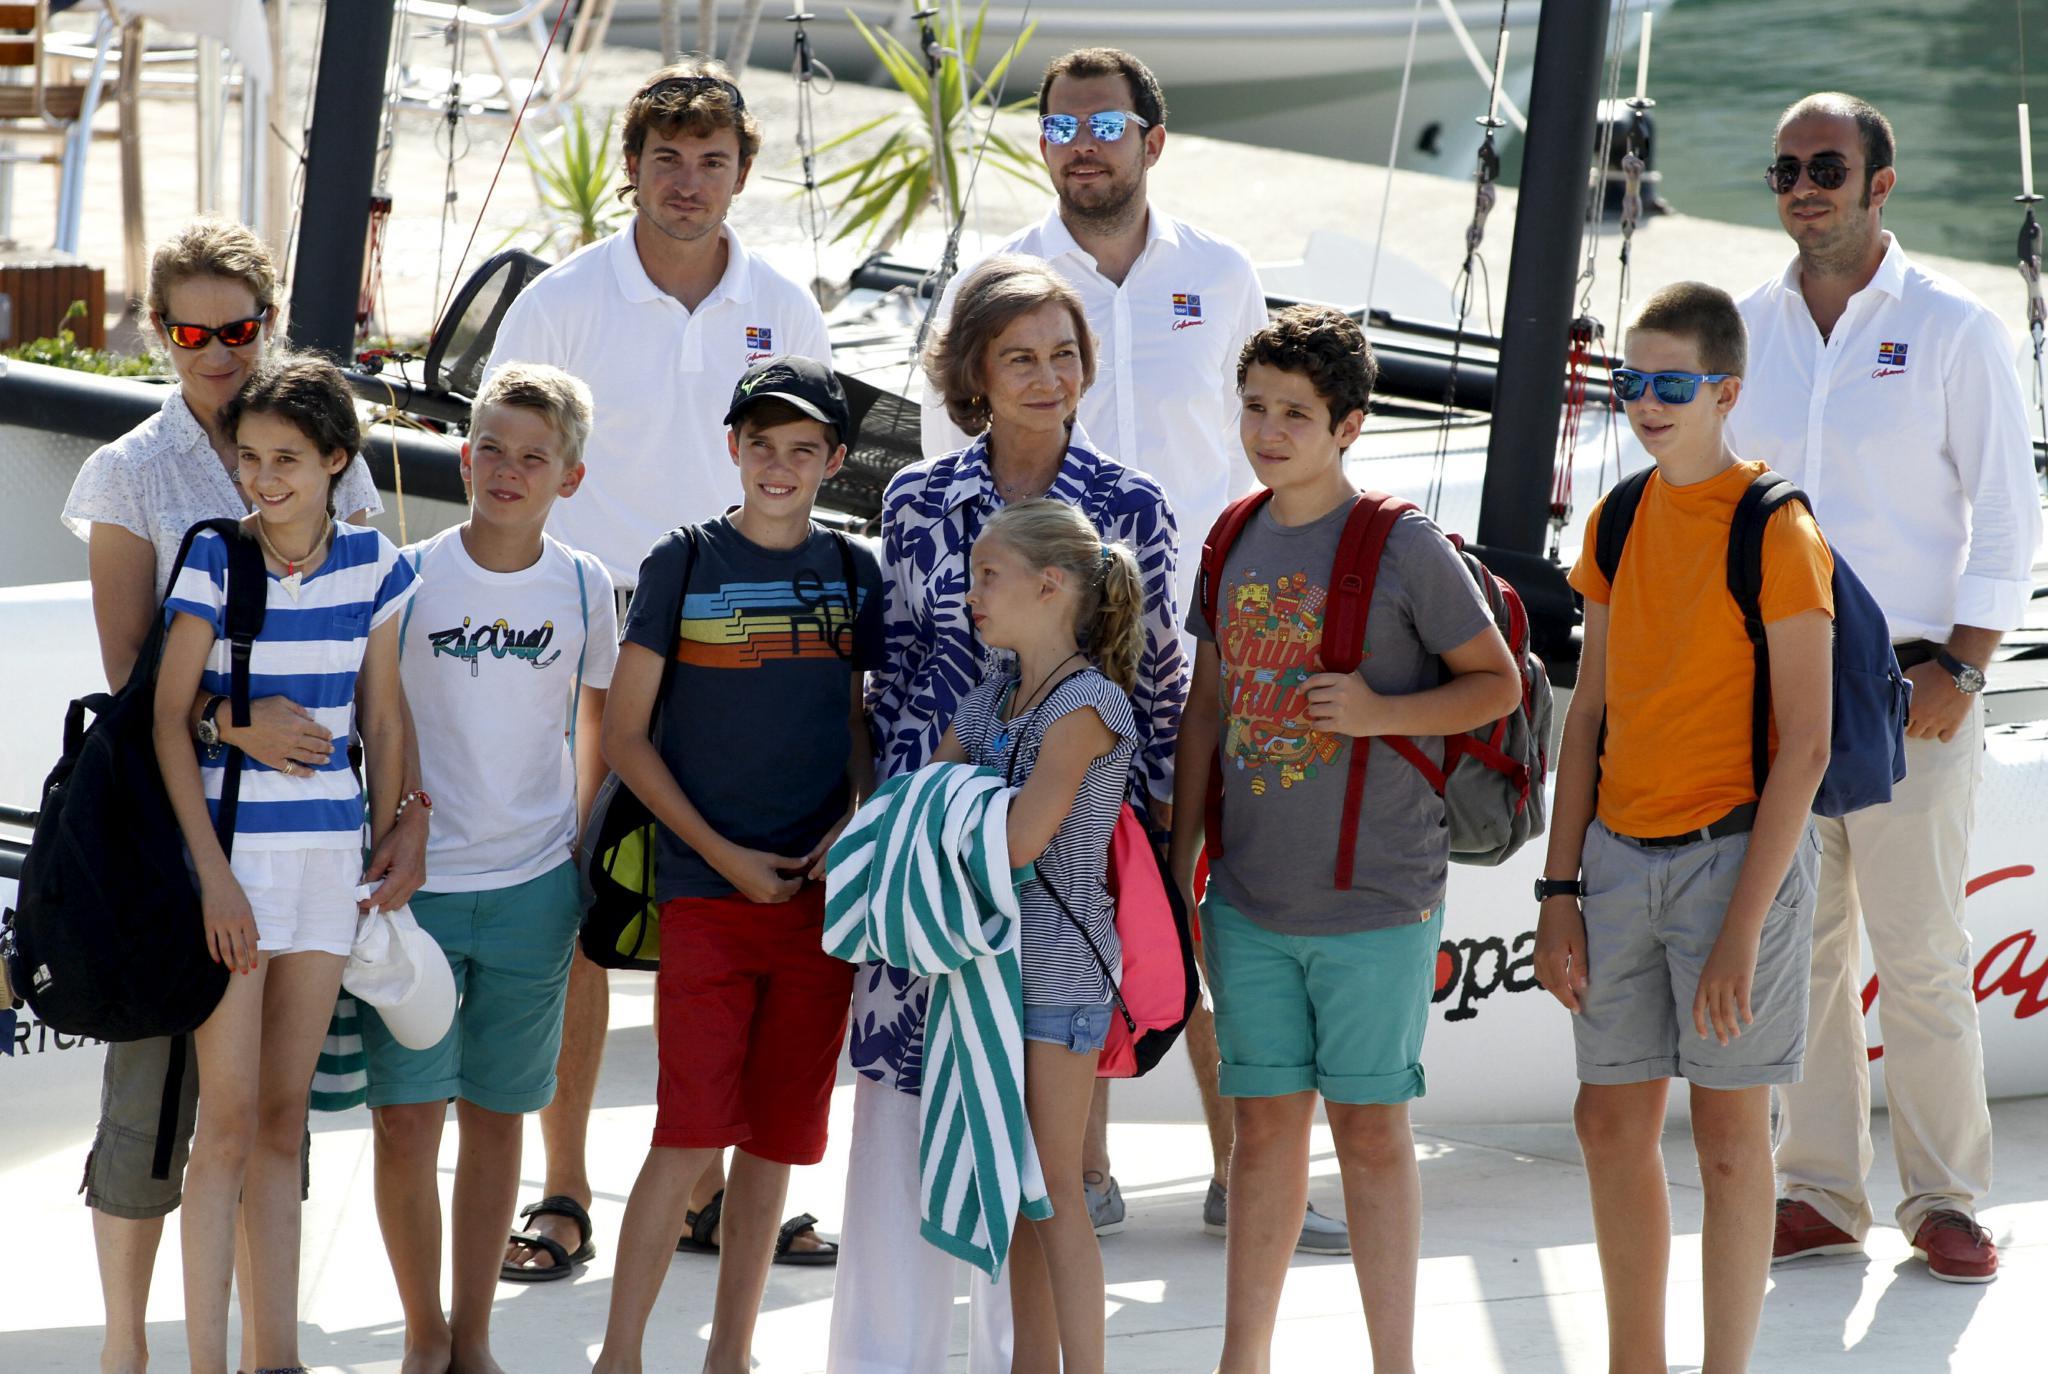 K nigskinder segeln vor mallorca gesellschaft for Nachrichten magazin